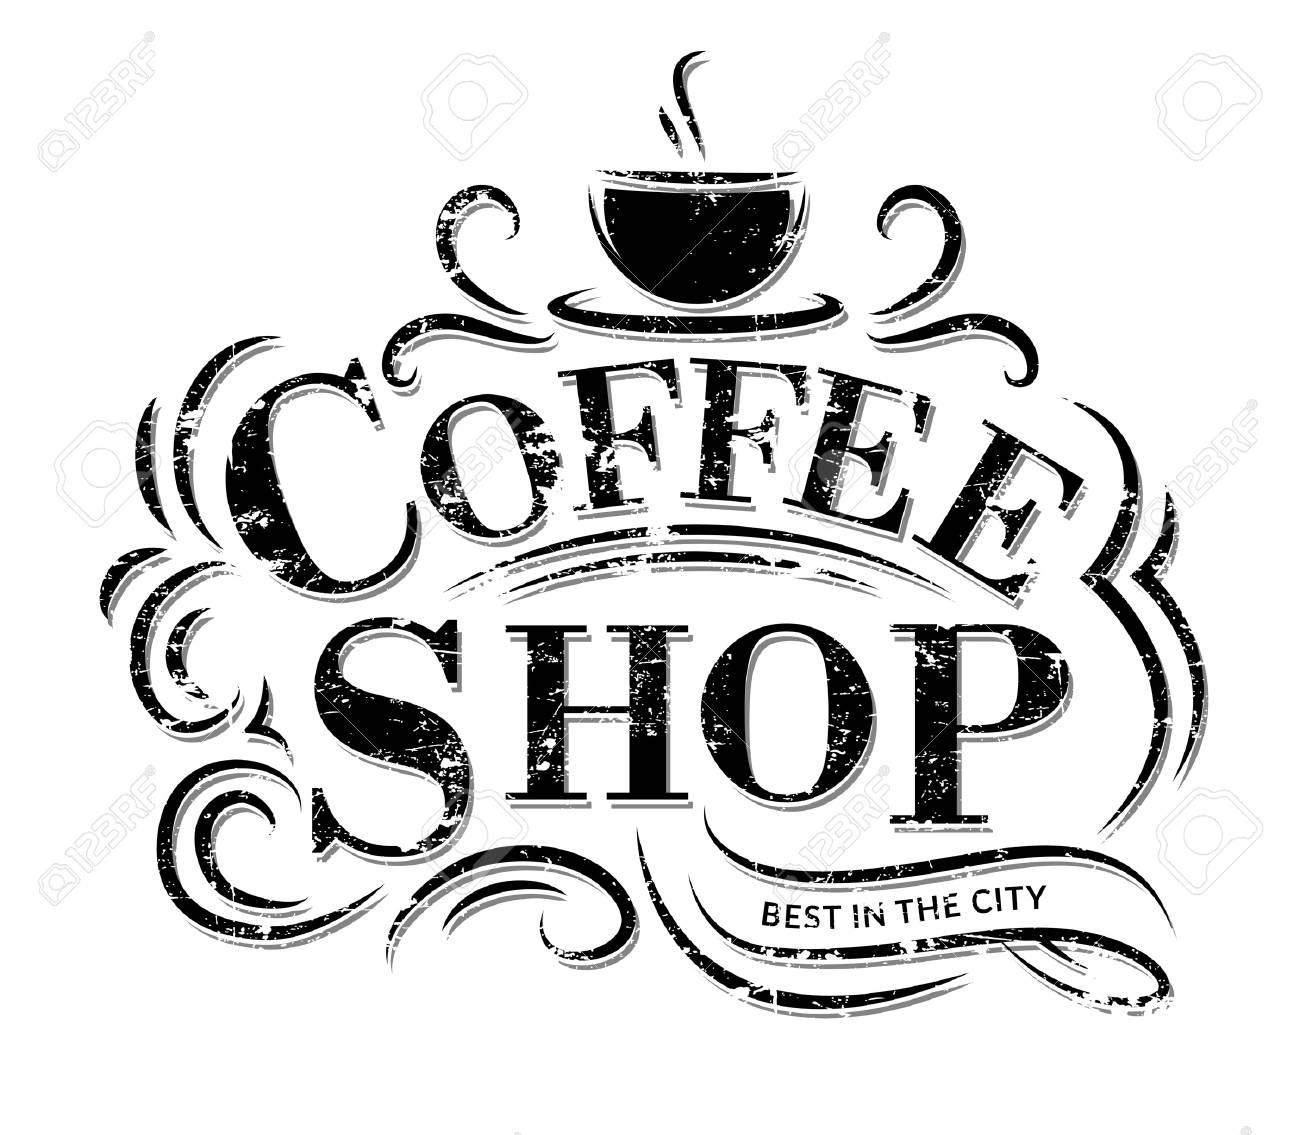 Logotipo Retro Cafe Vintage Con Letras Etiqueta De Cafeteria Con